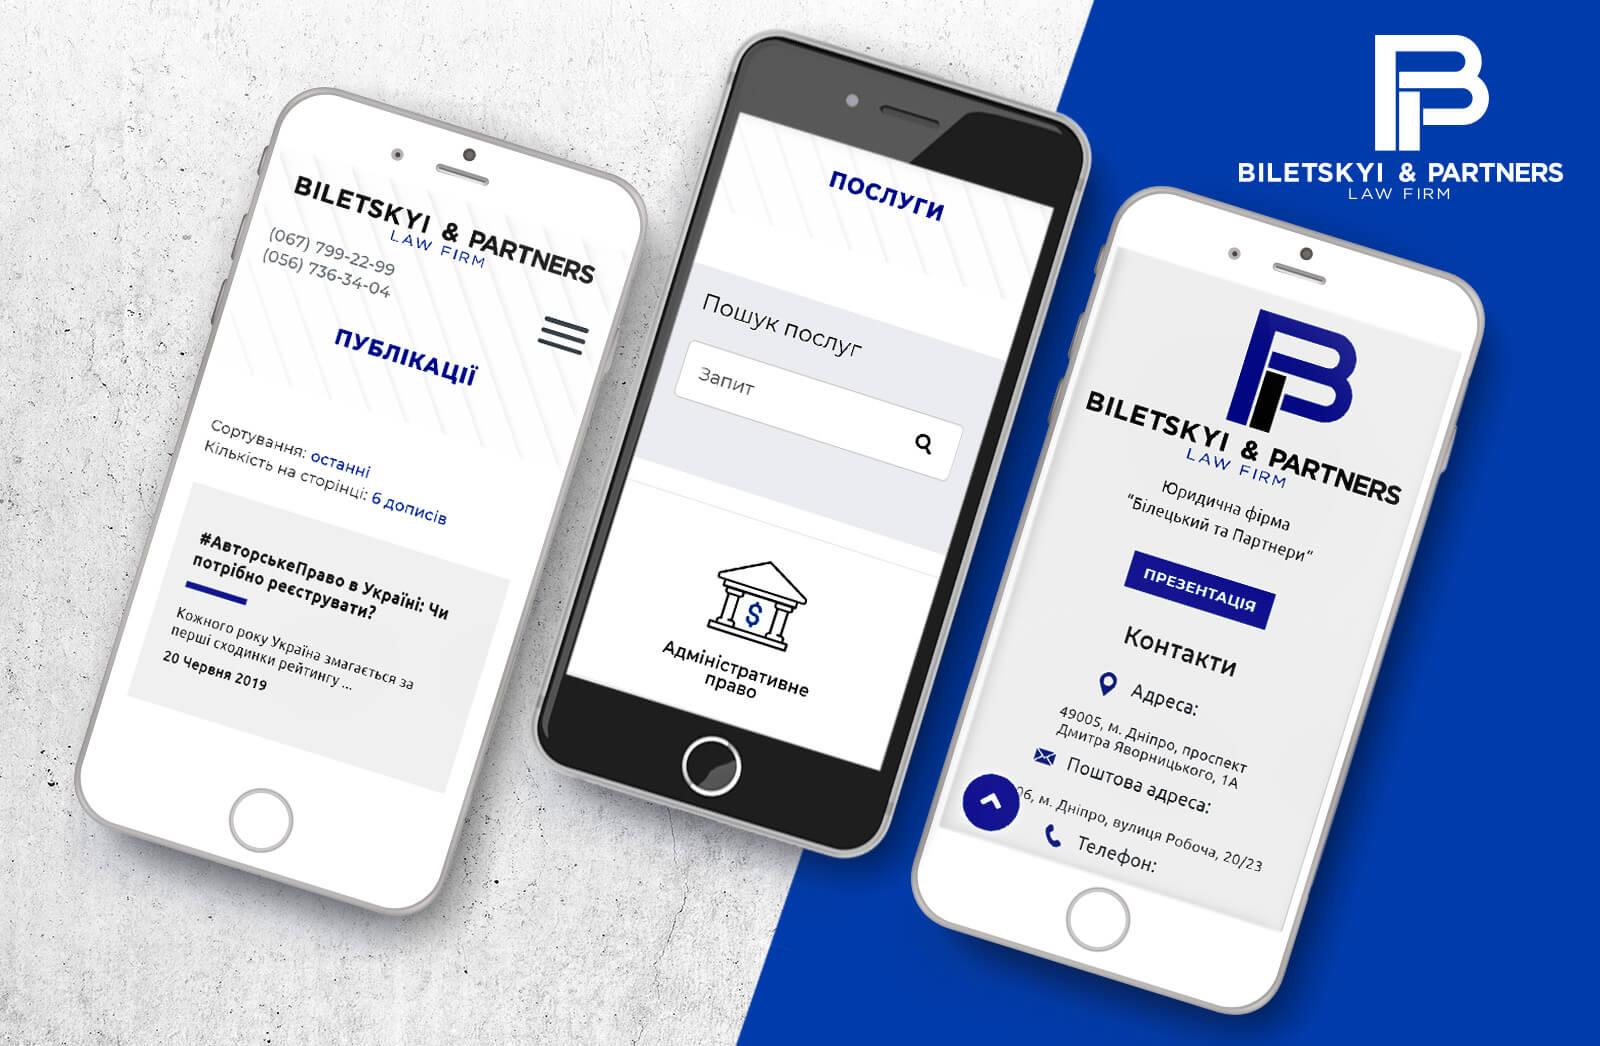 Дизайн сайта для юридической фирмы Biletskyi & Partners